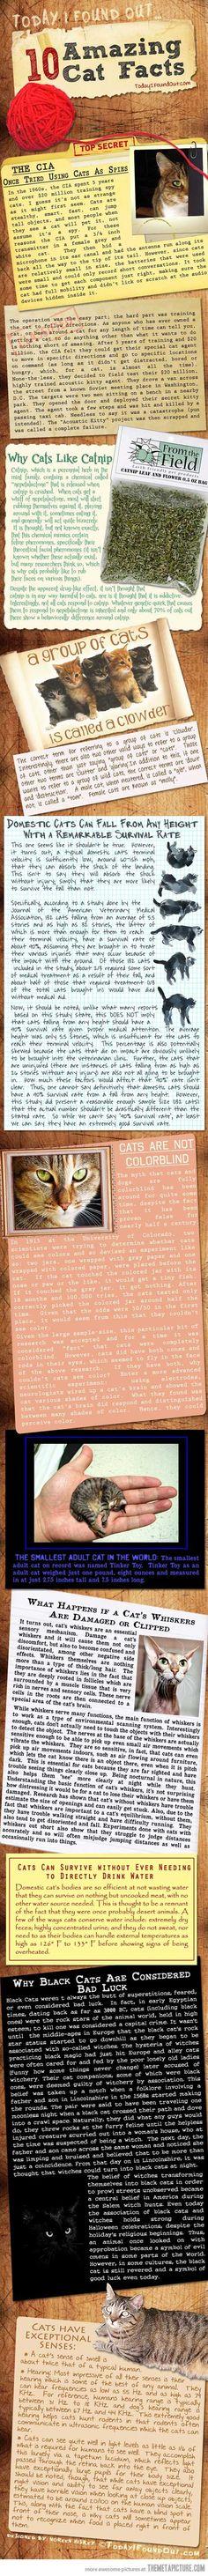 10 Amazing cat facts…